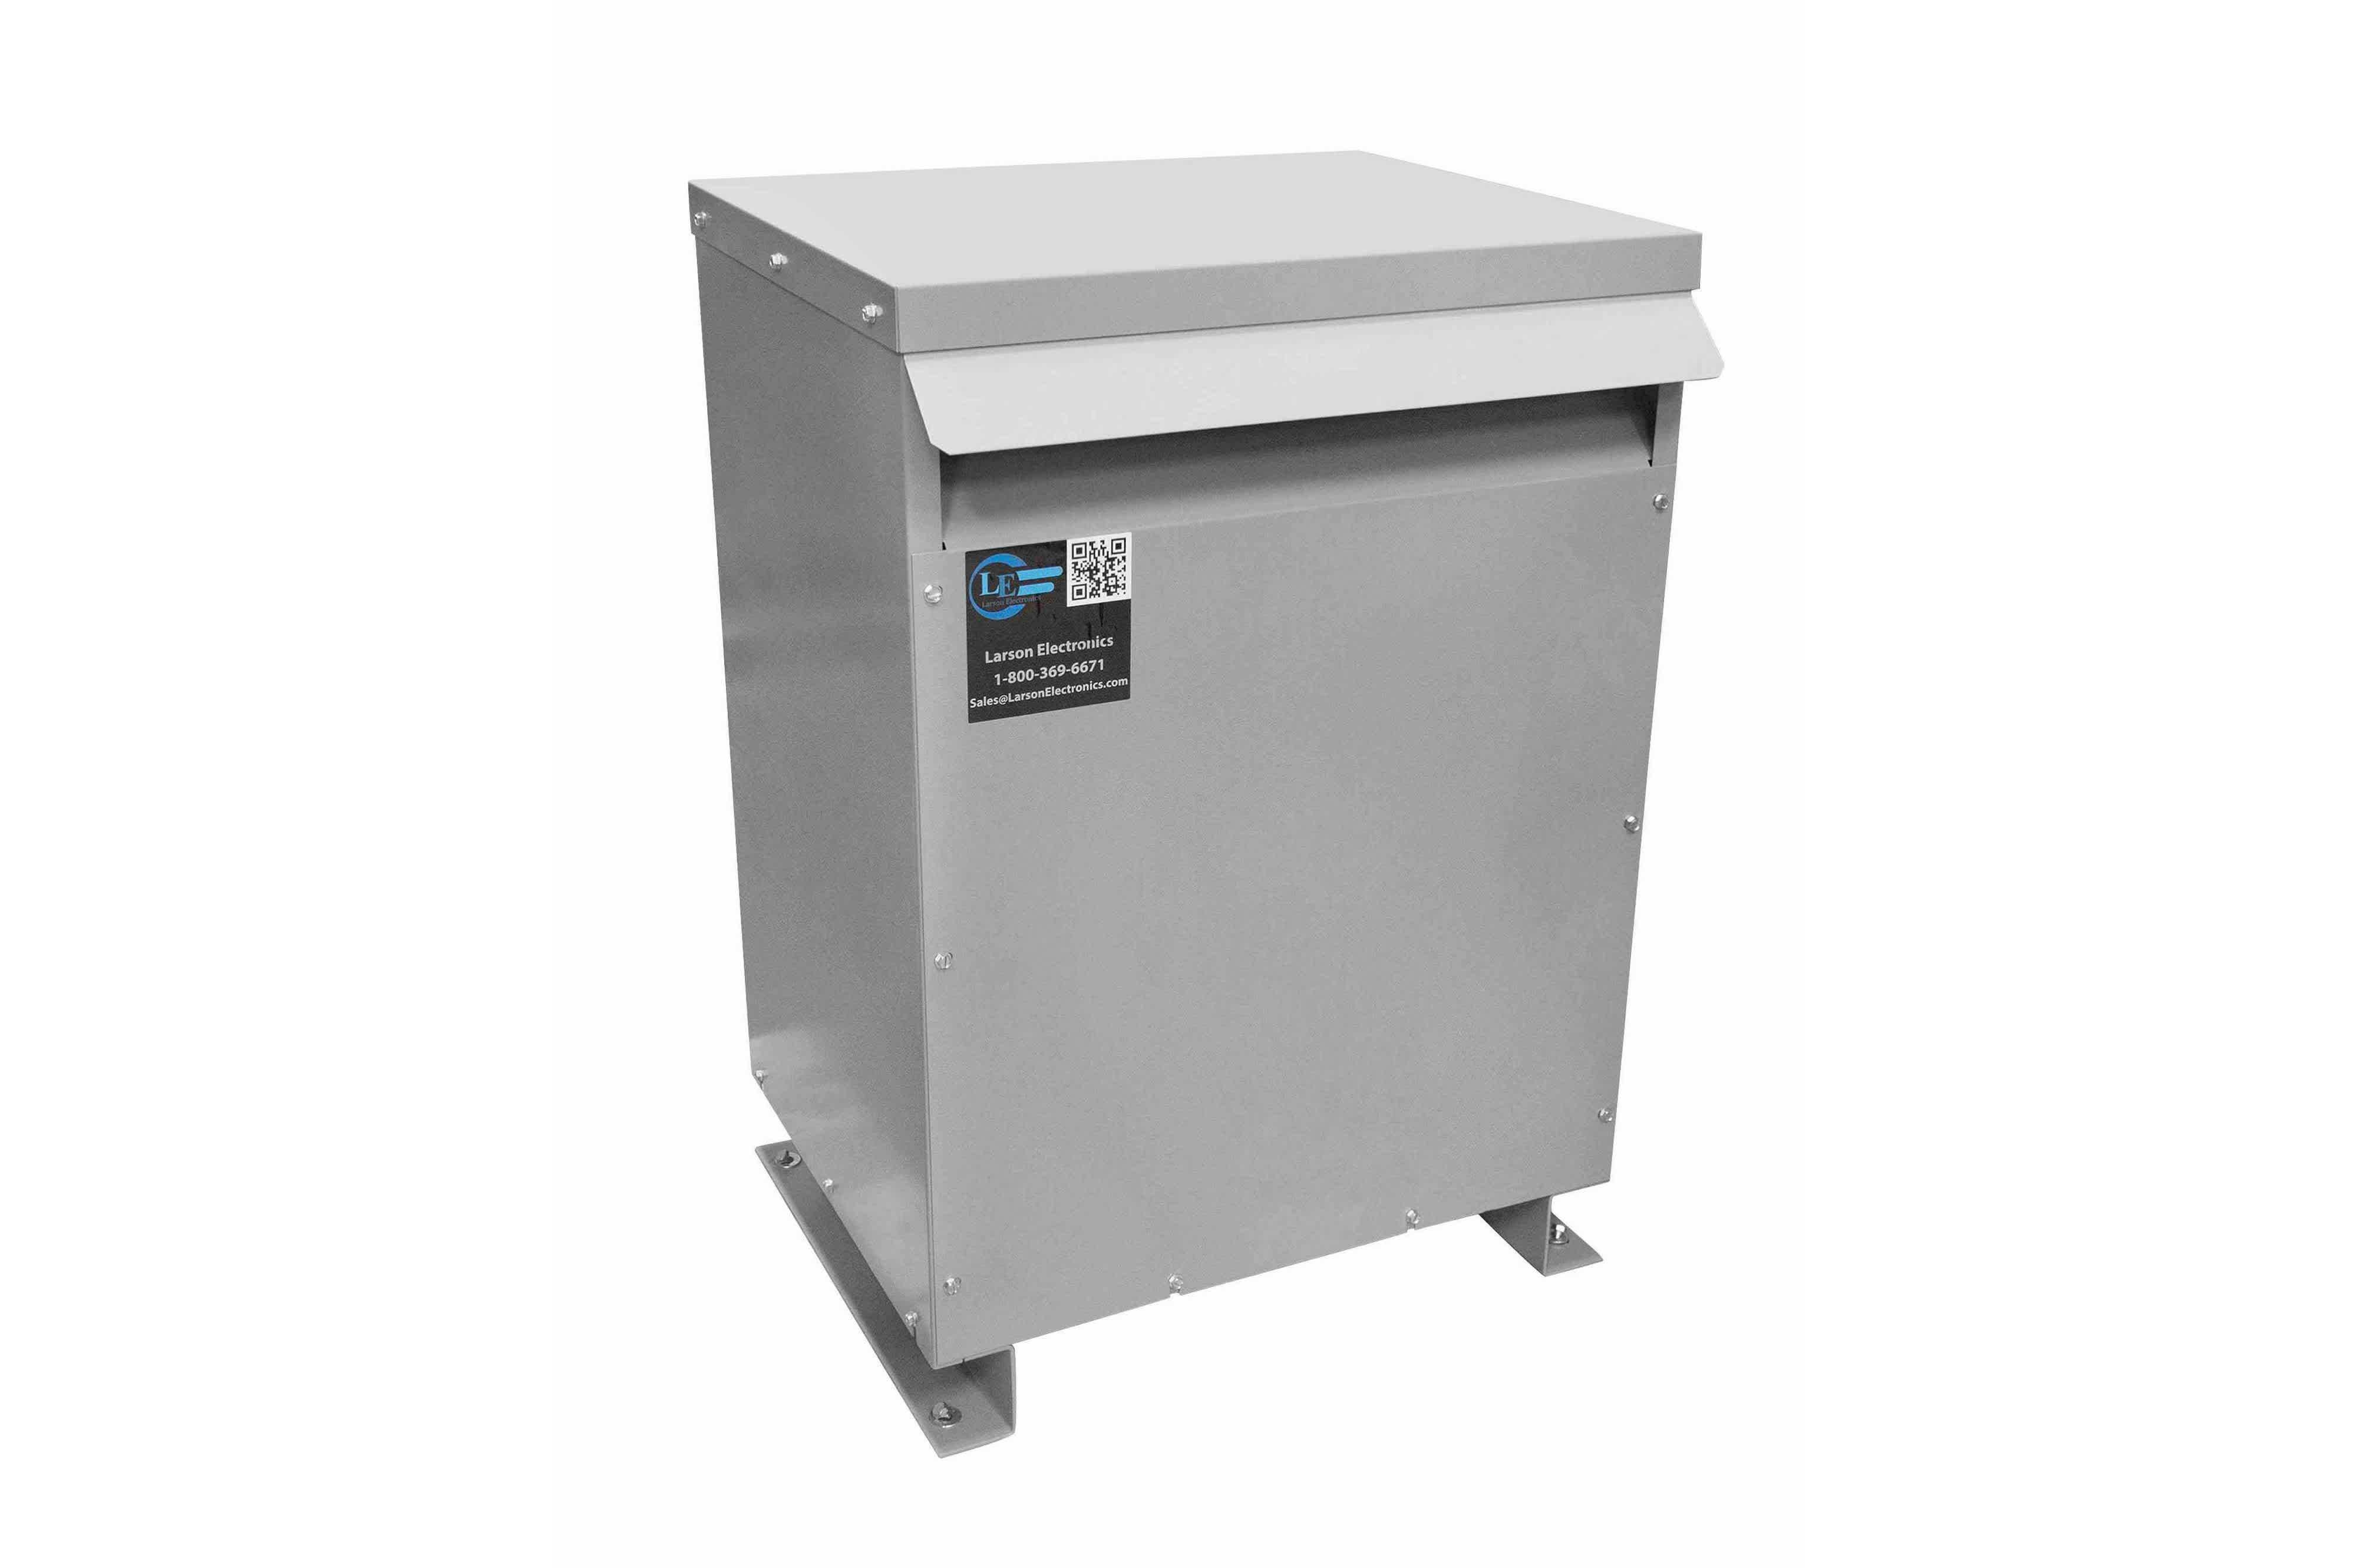 125 kVA 3PH Isolation Transformer, 220V Delta Primary, 480V Delta Secondary, N3R, Ventilated, 60 Hz